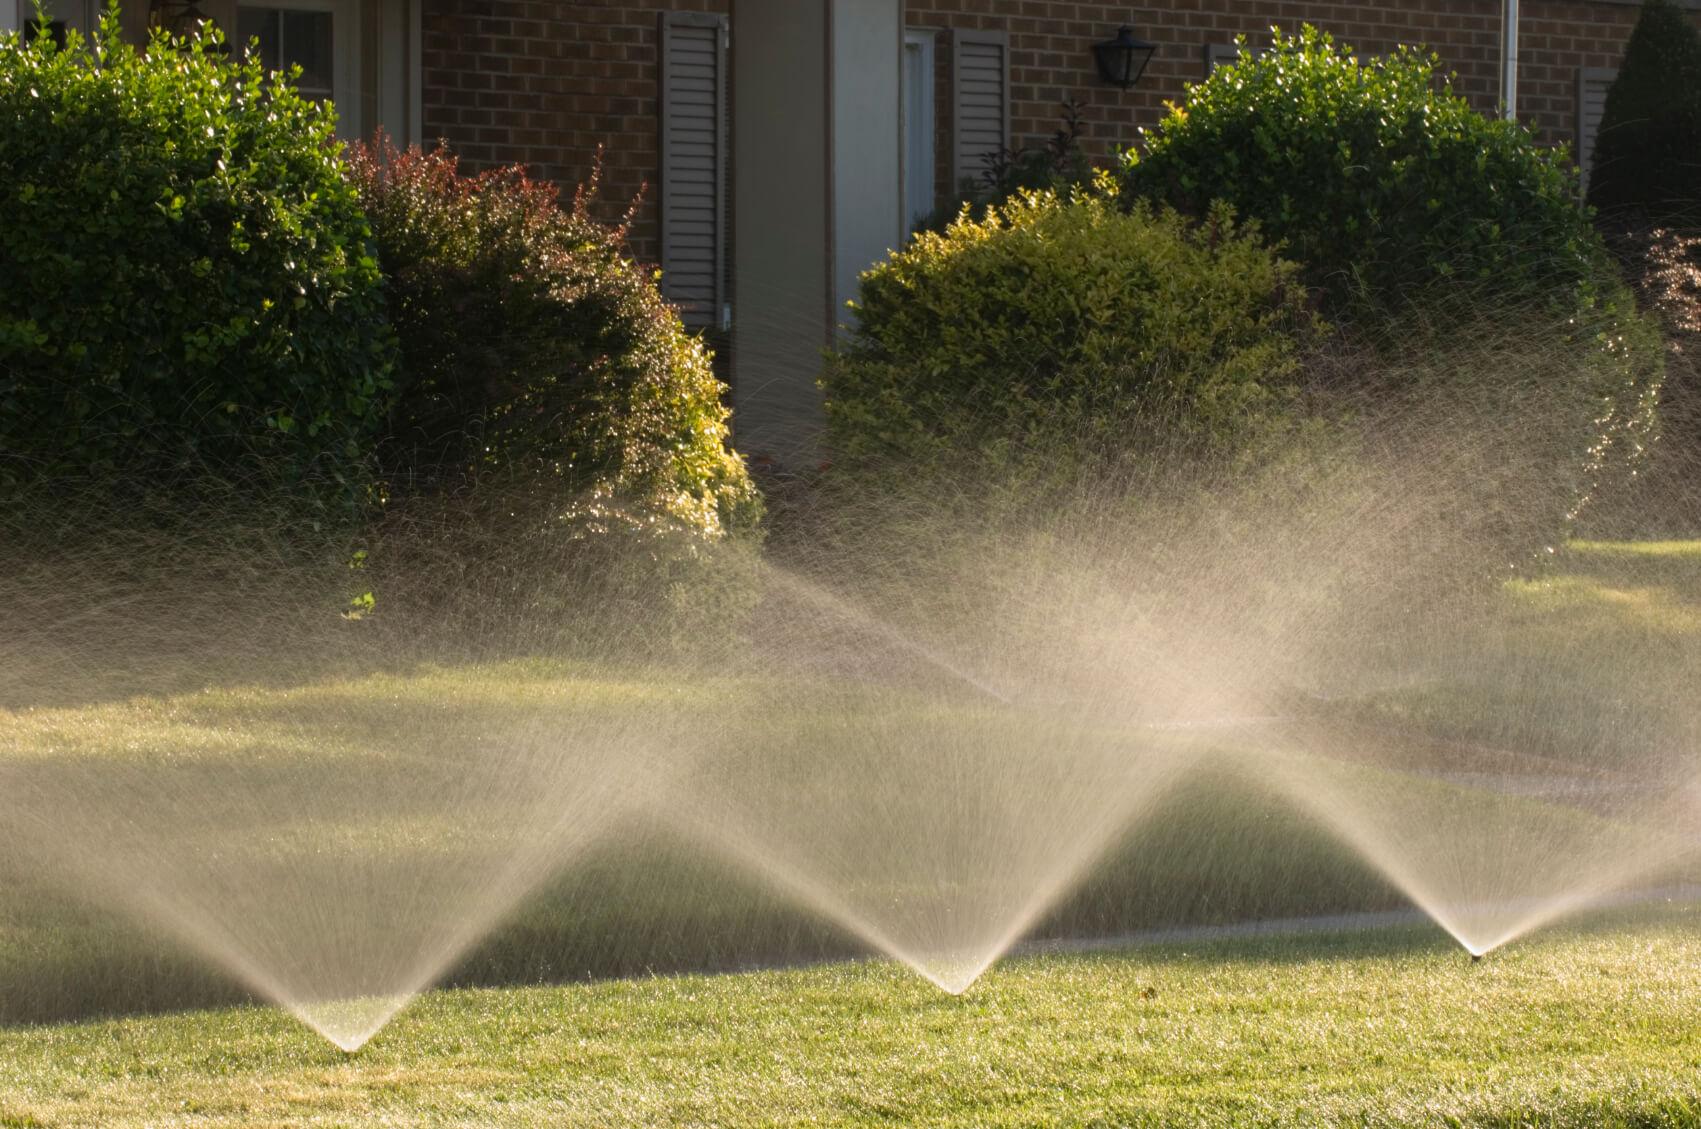 three sprinklers sprinkling water on a lawn